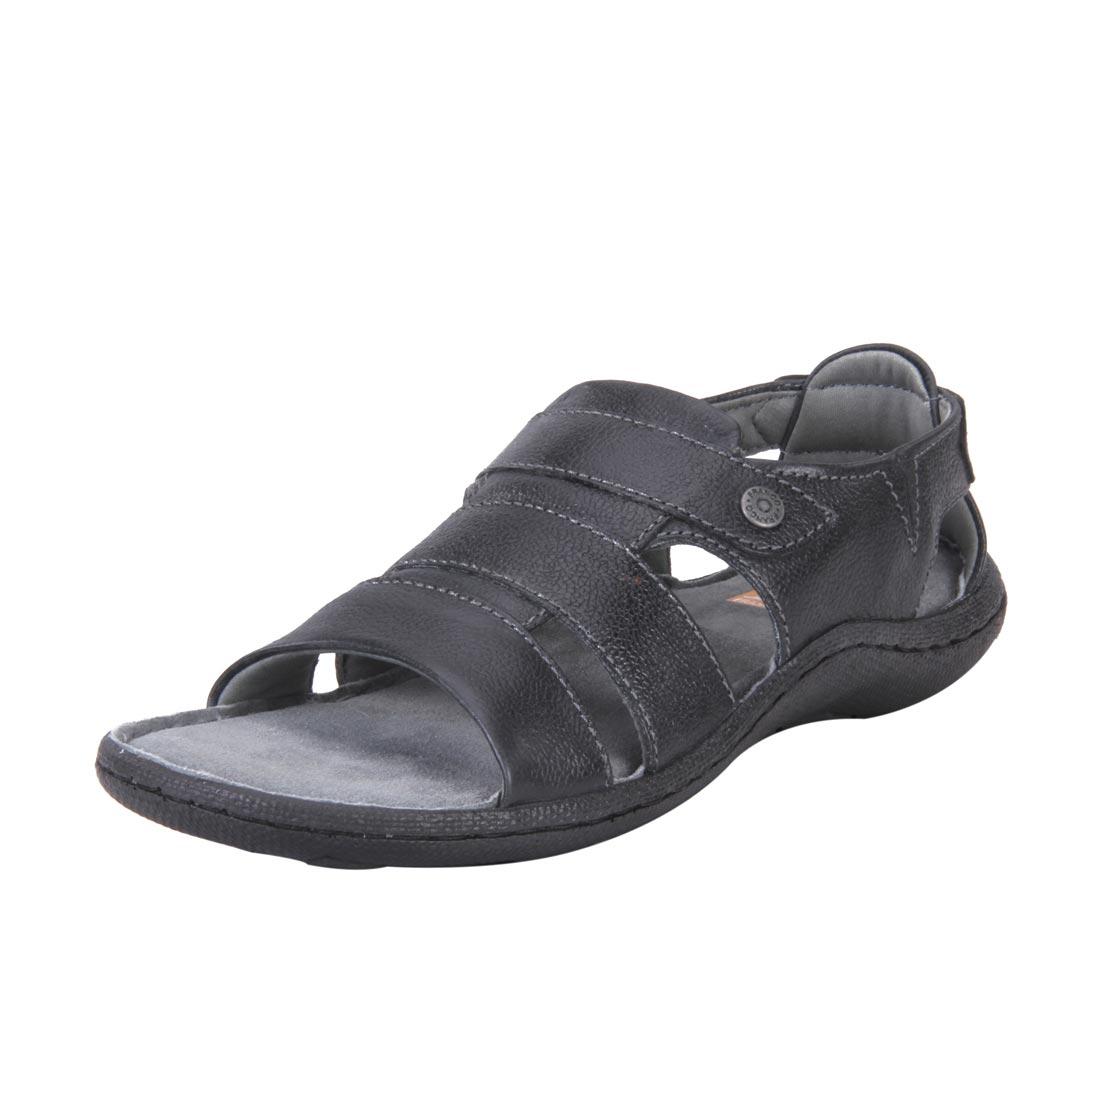 Franco Leone 9510 Black Men's Sandals